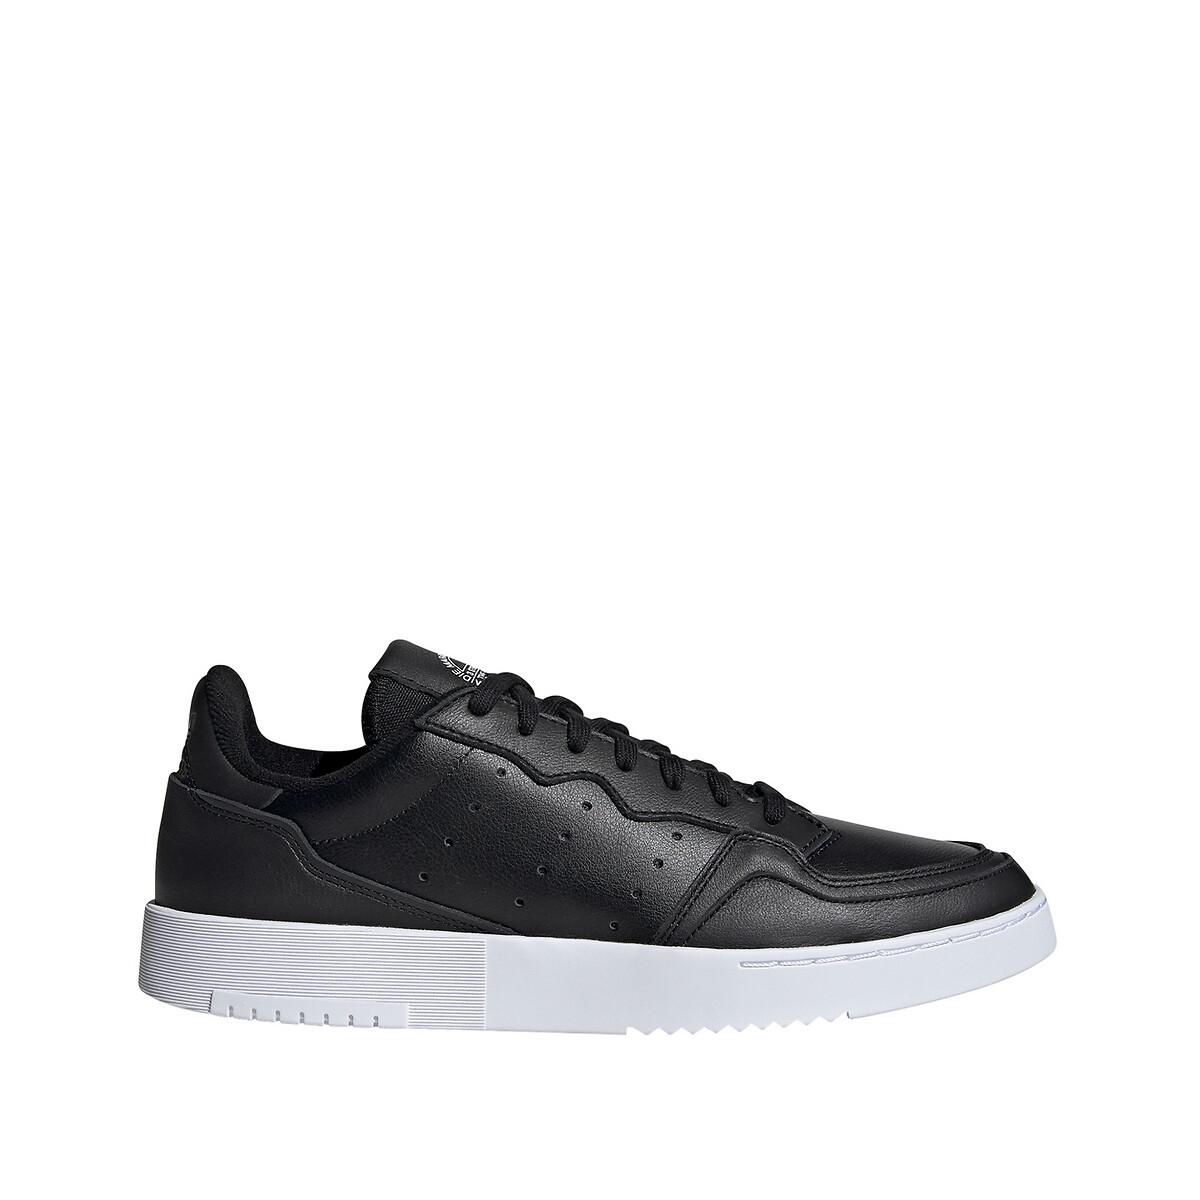 Adidas Originals Supercourt sneakers zwart/wit online kopen